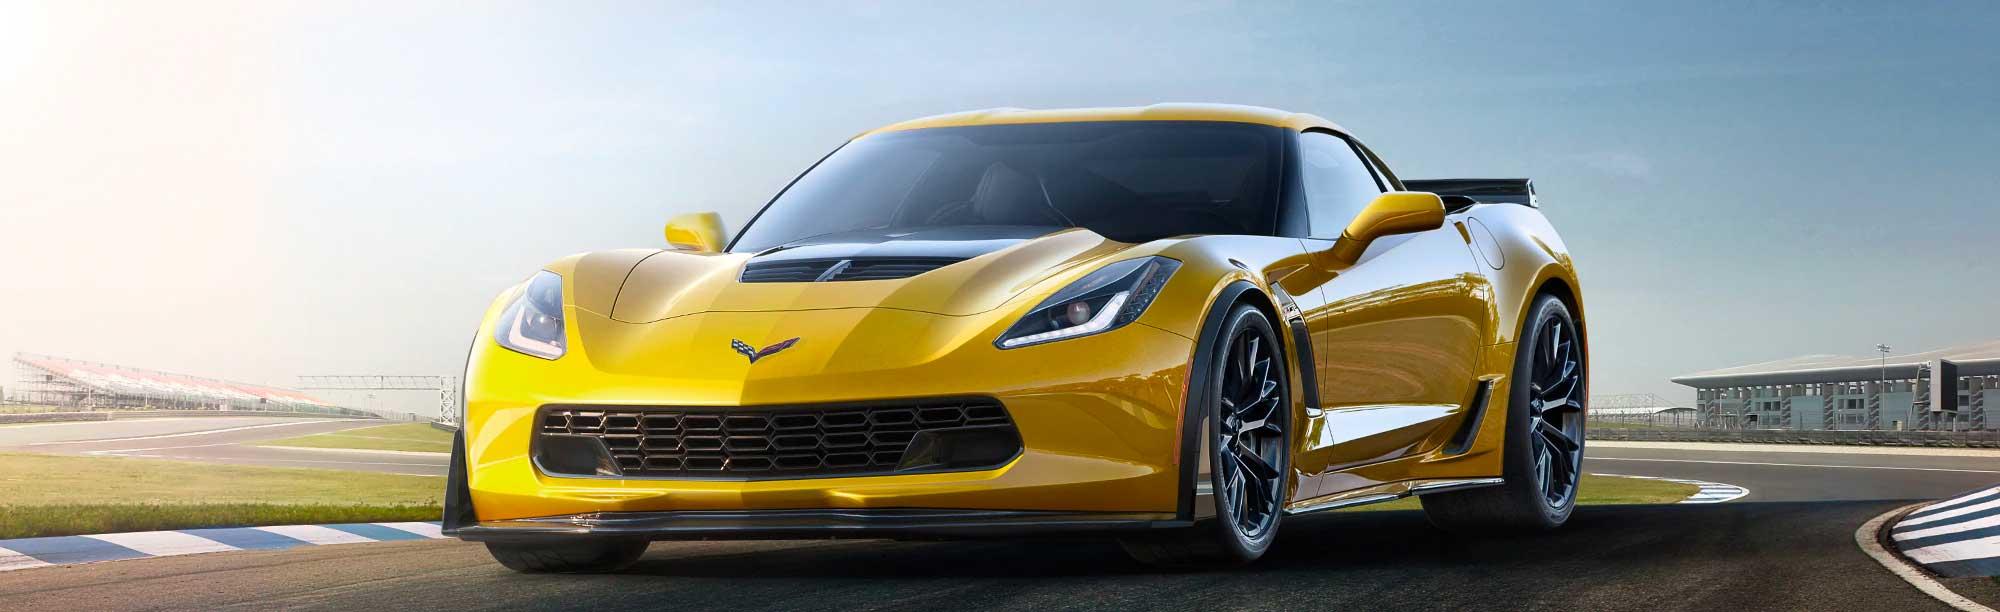 2020 Corvette Z06 On Road